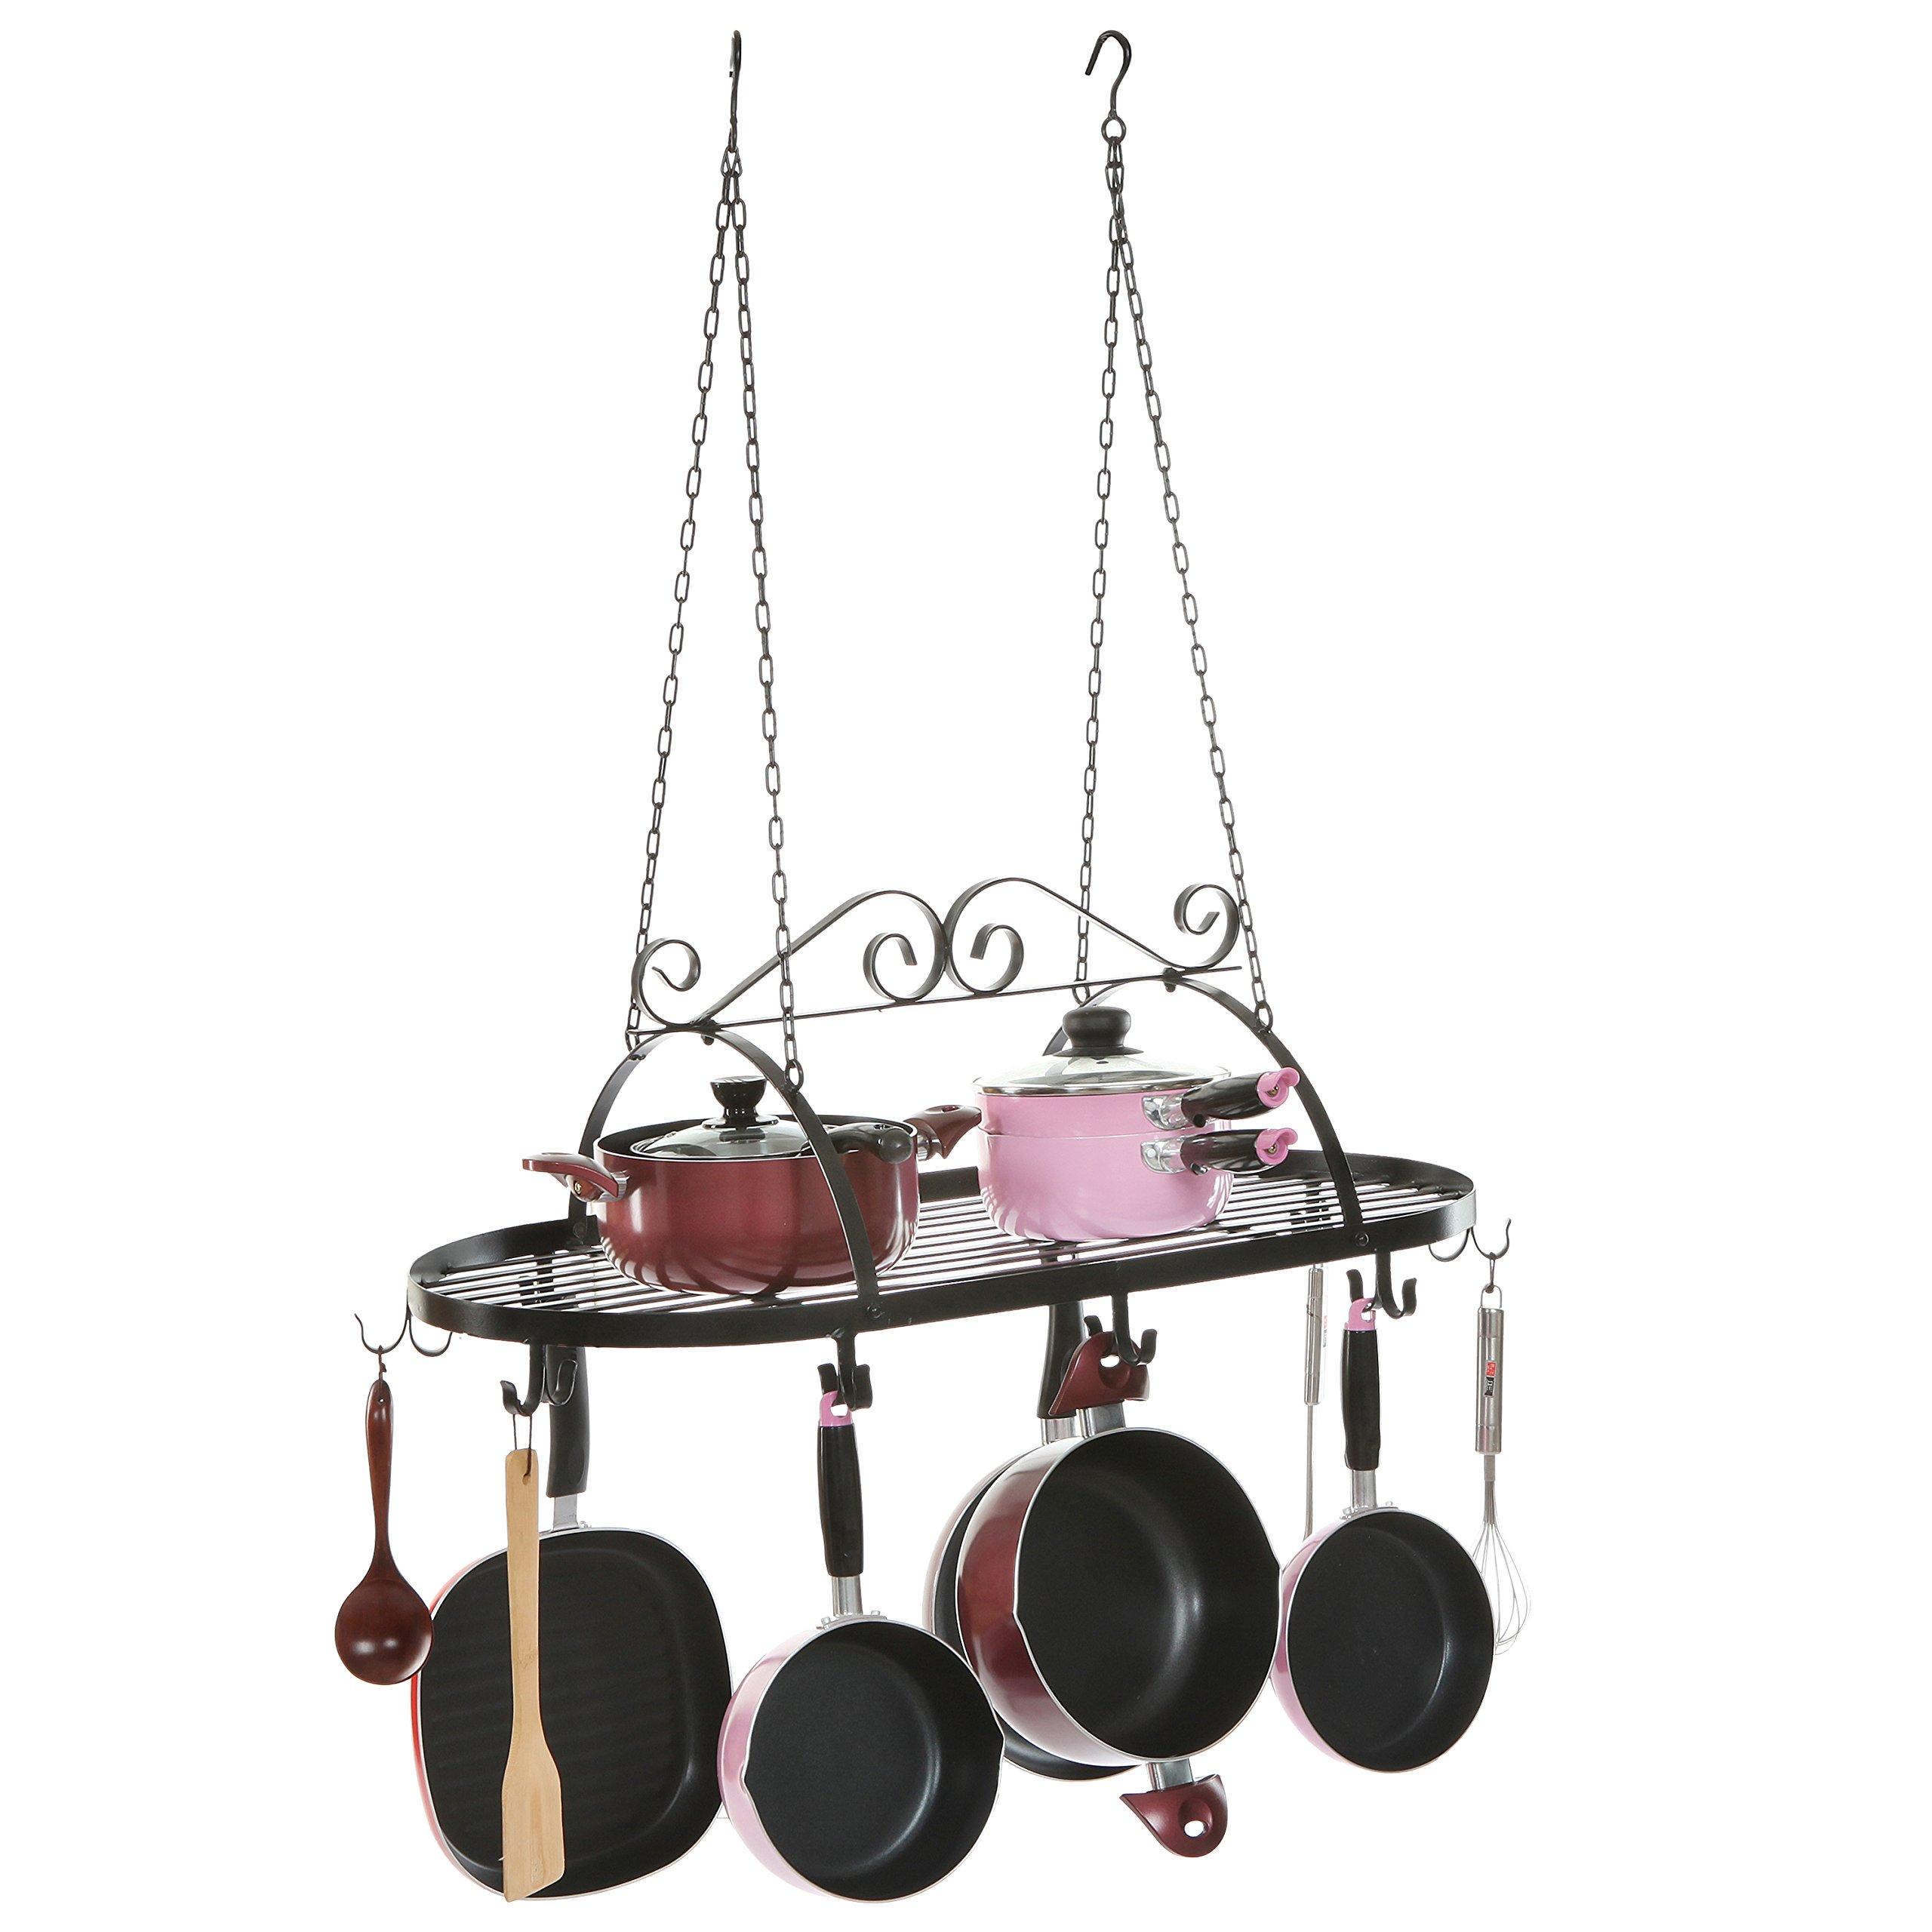 Designer Black Scrollwork Metal Ceiling Mounted Hanging Kitchen Utensils, Pots, Pans Holder Hanger Rack by MyGift